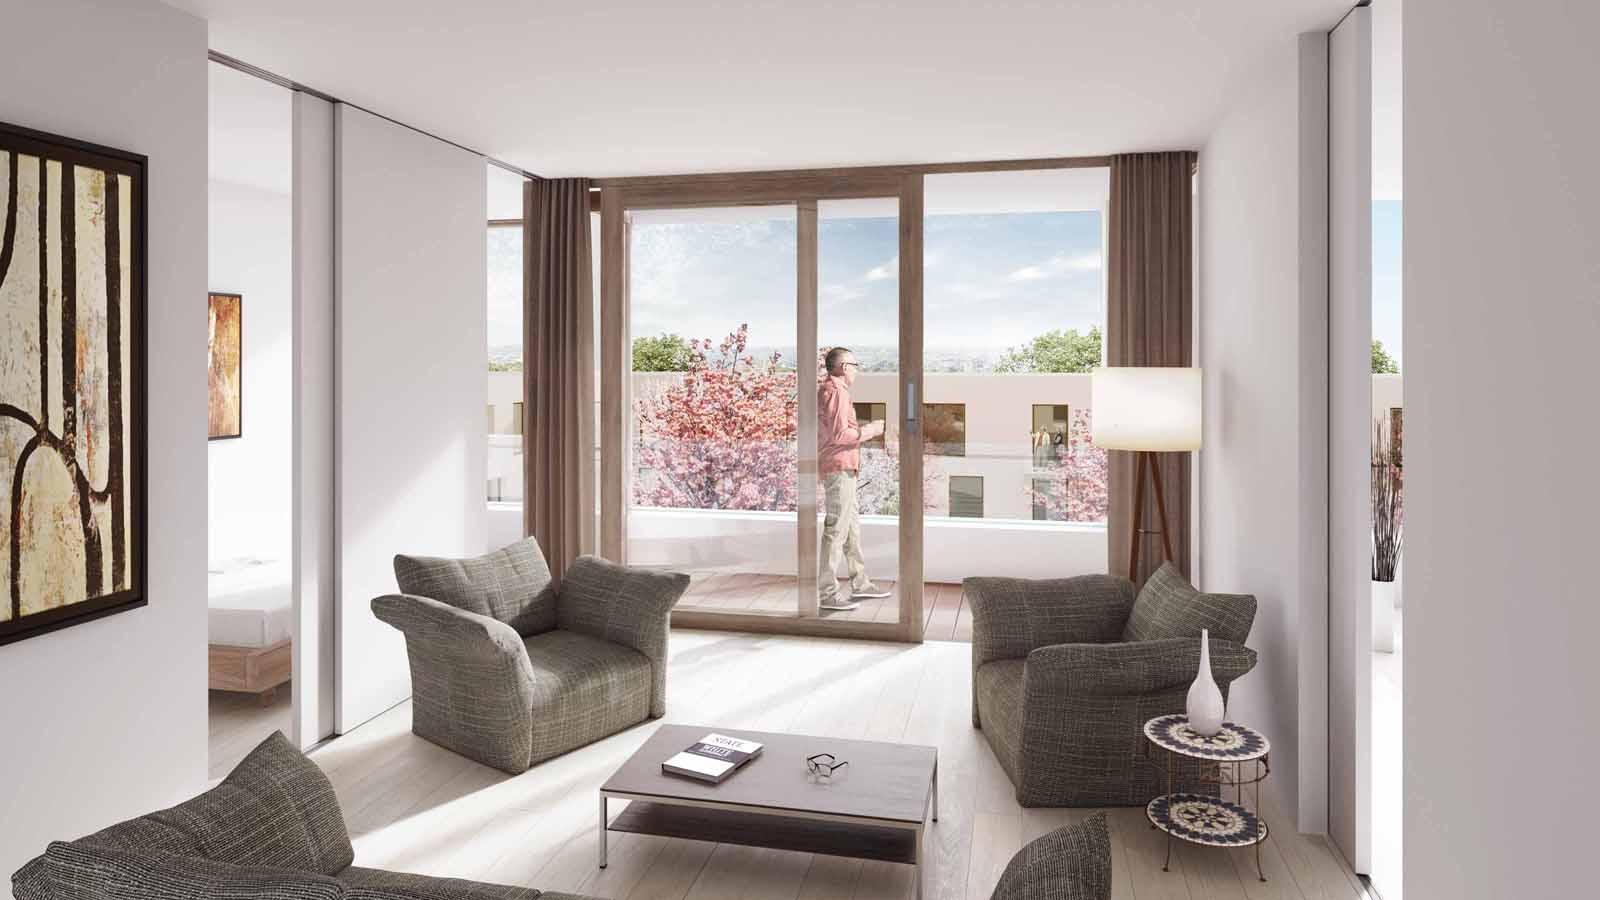 auszug aus wohnung was beachten wohnung. Black Bedroom Furniture Sets. Home Design Ideas